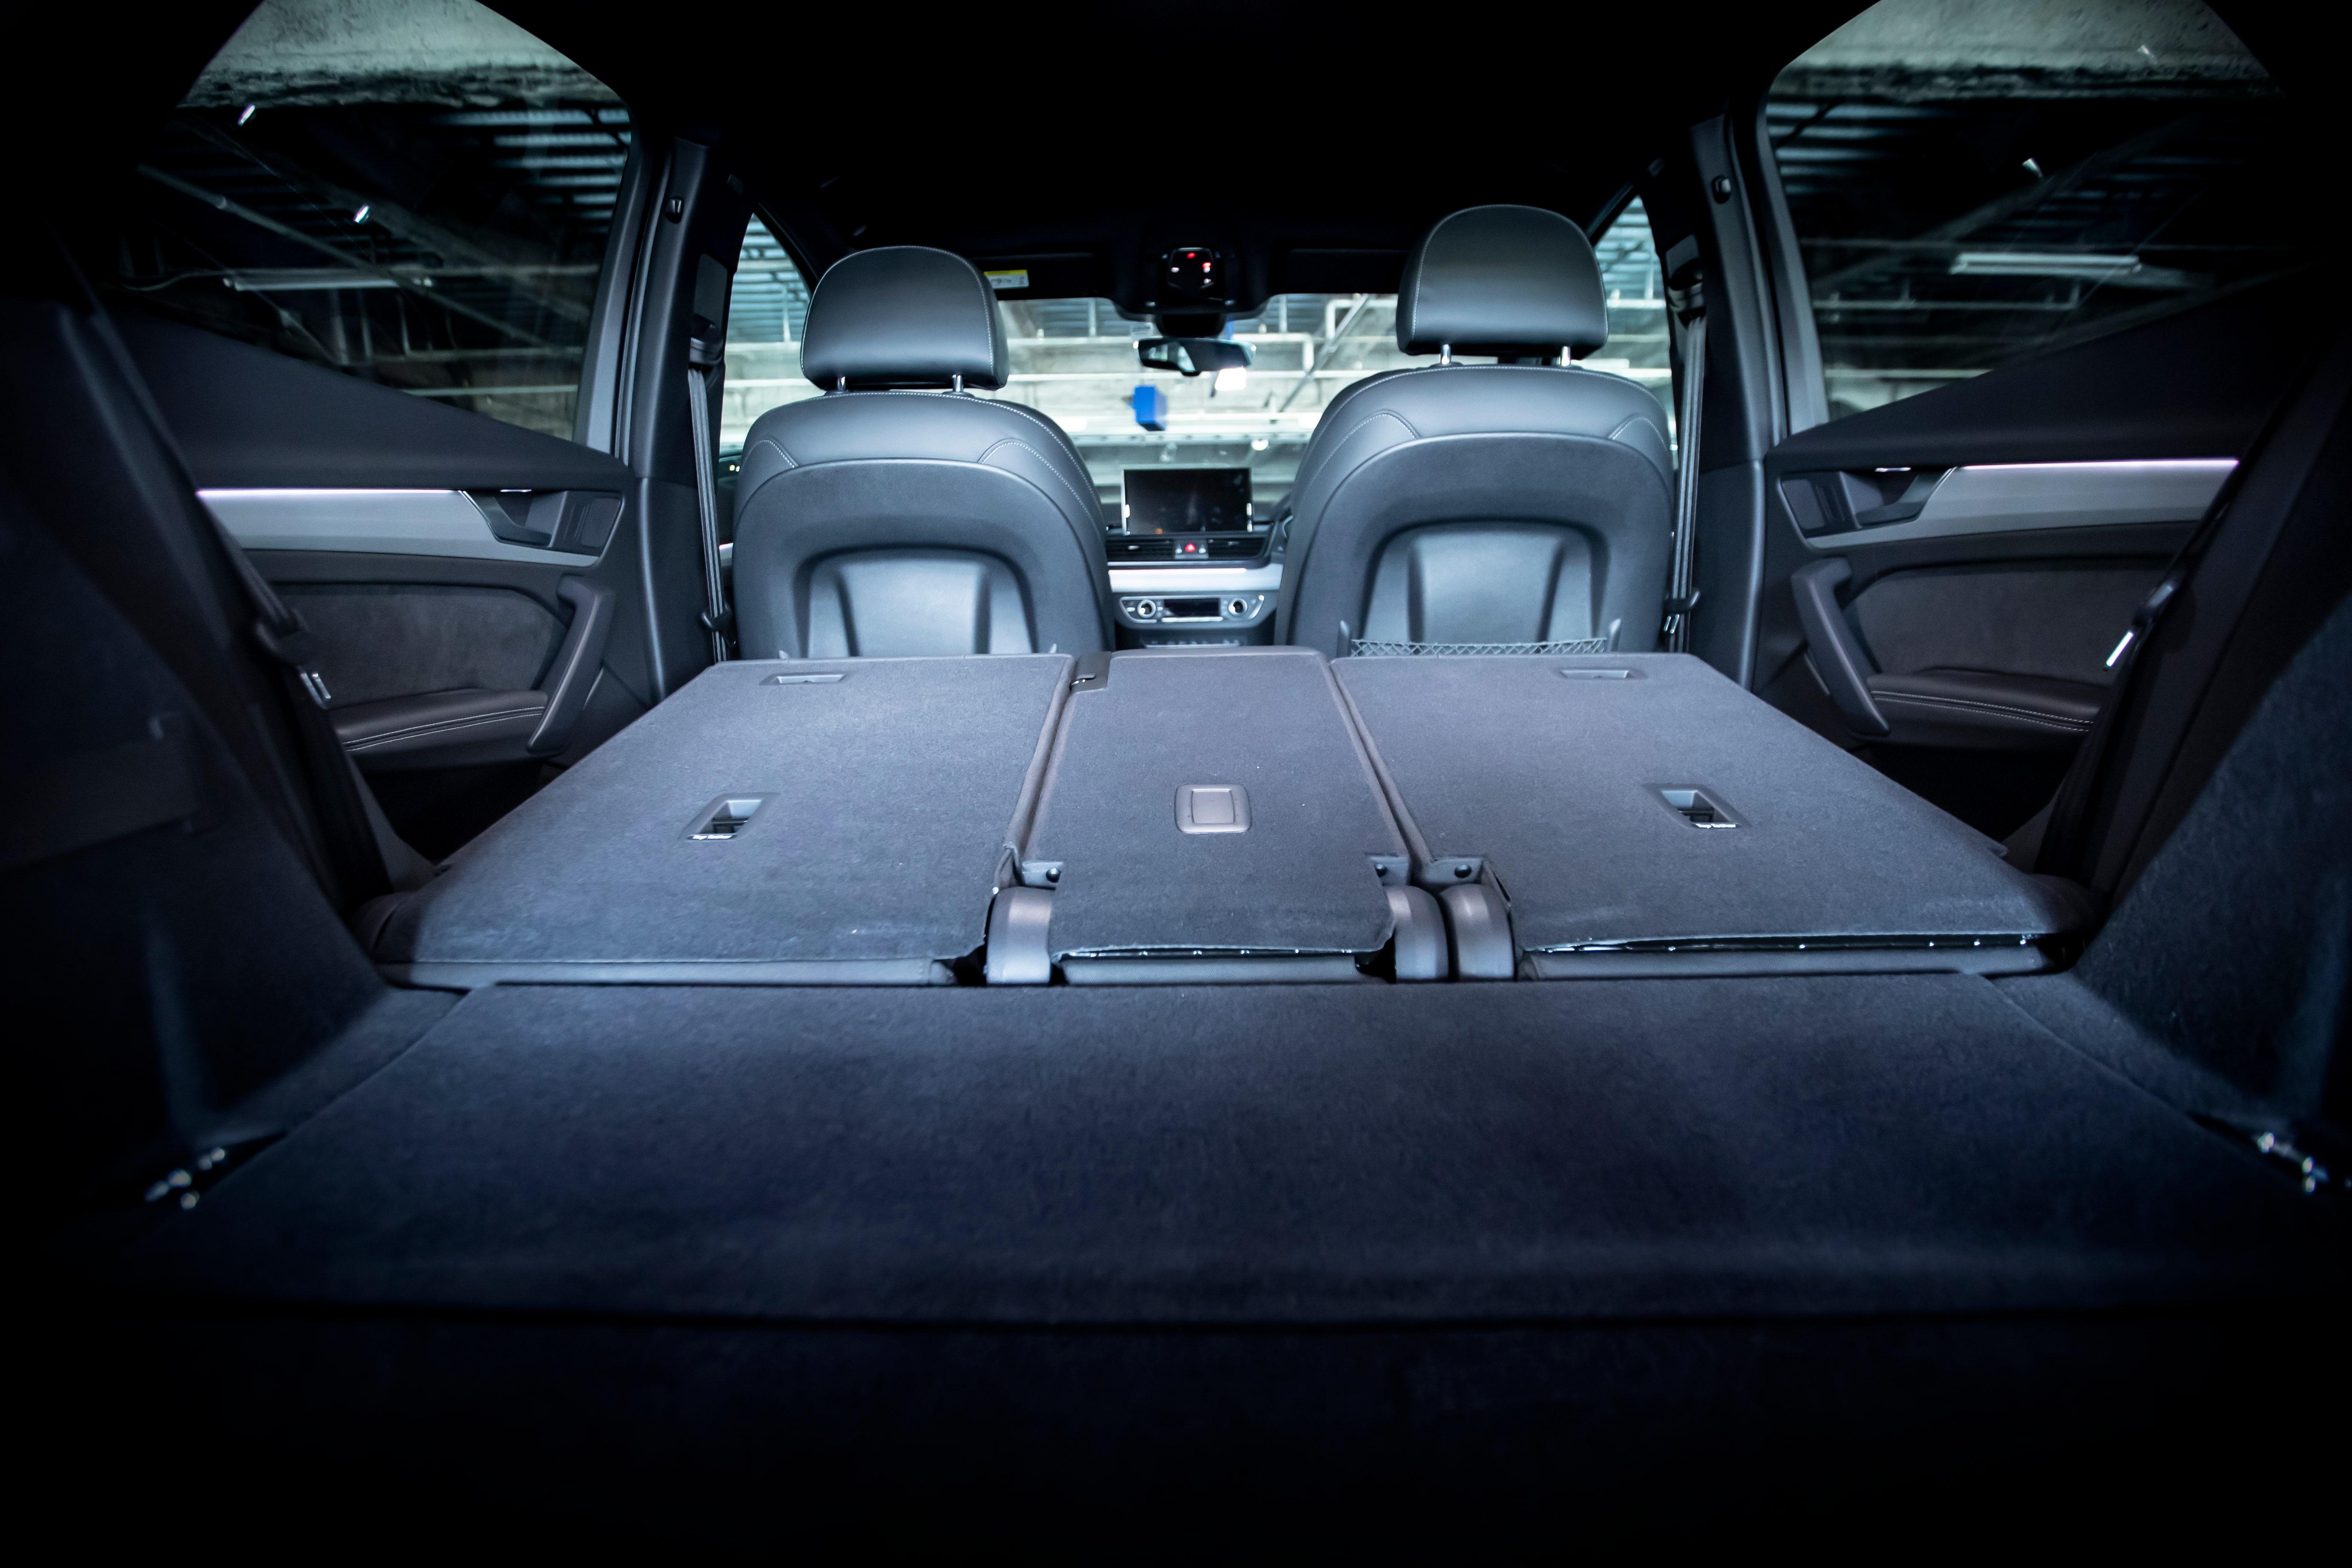 ちょうど良いサイズの美しきSUV──新型アウディQ5スポーツバック試乗記